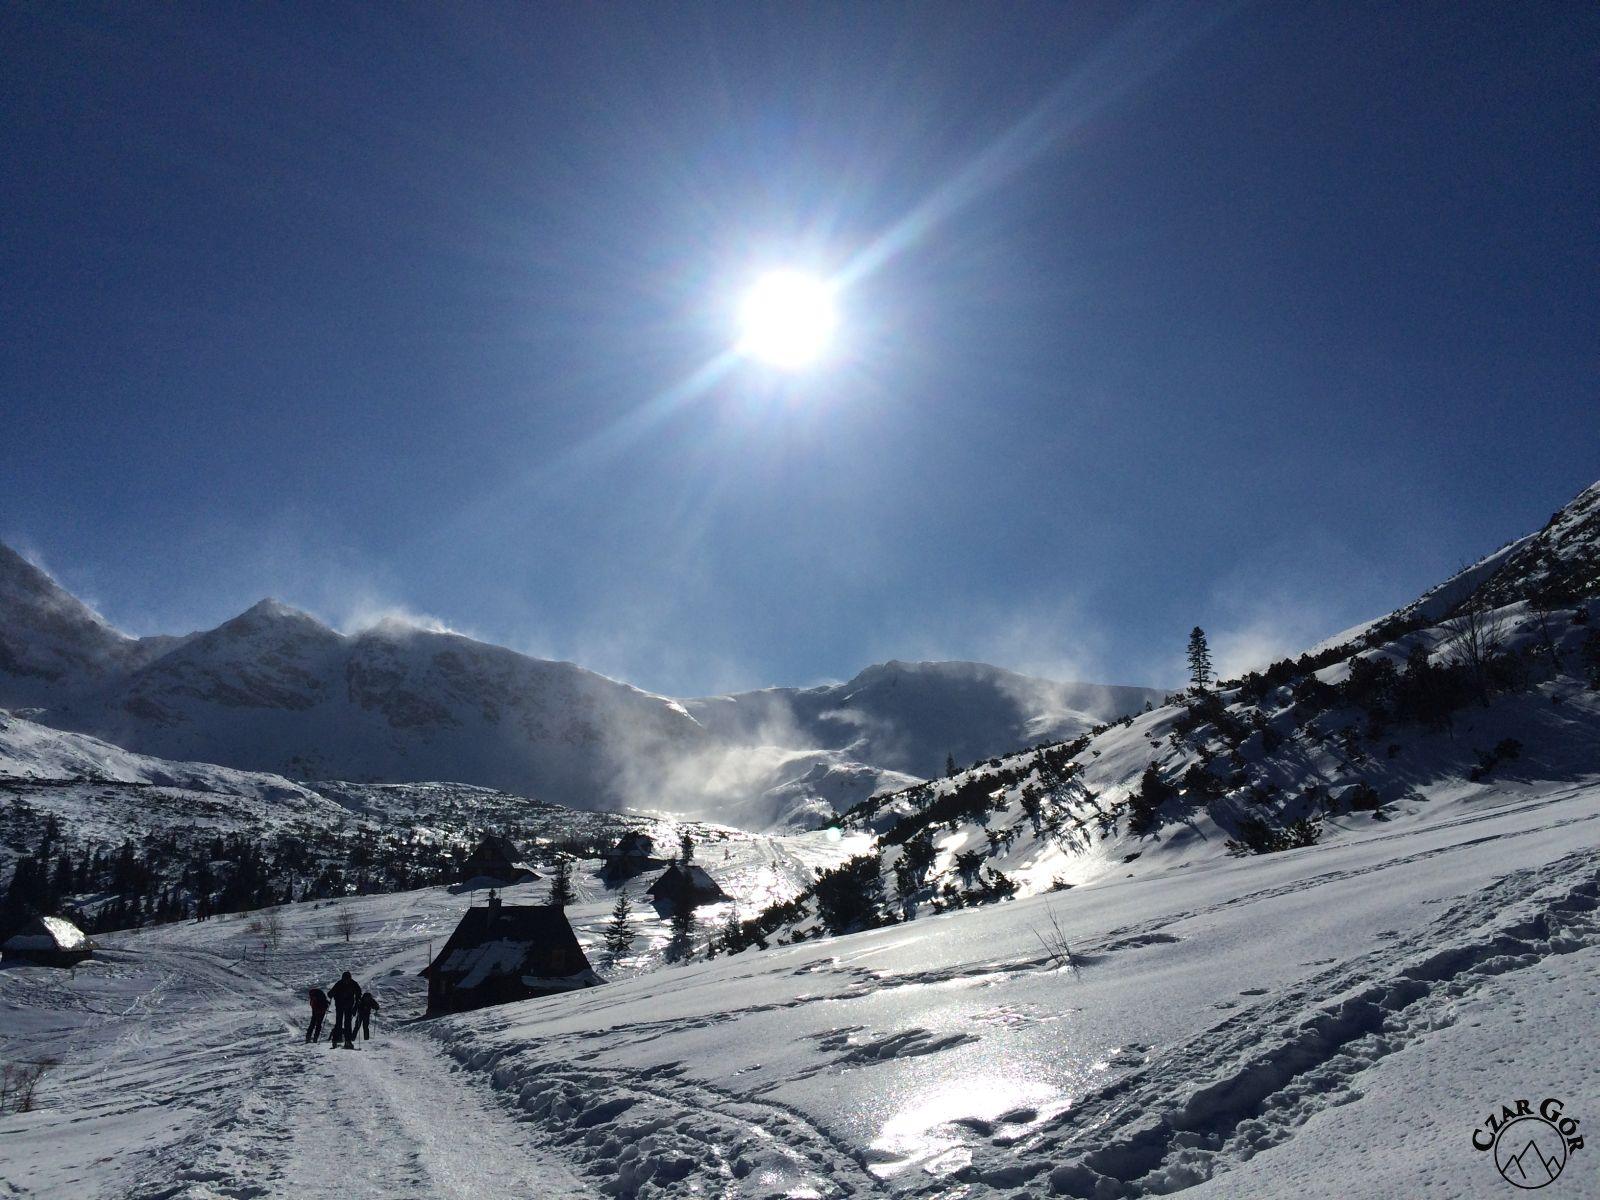 Wycieczka skitourowa pod Przełęcz Karb